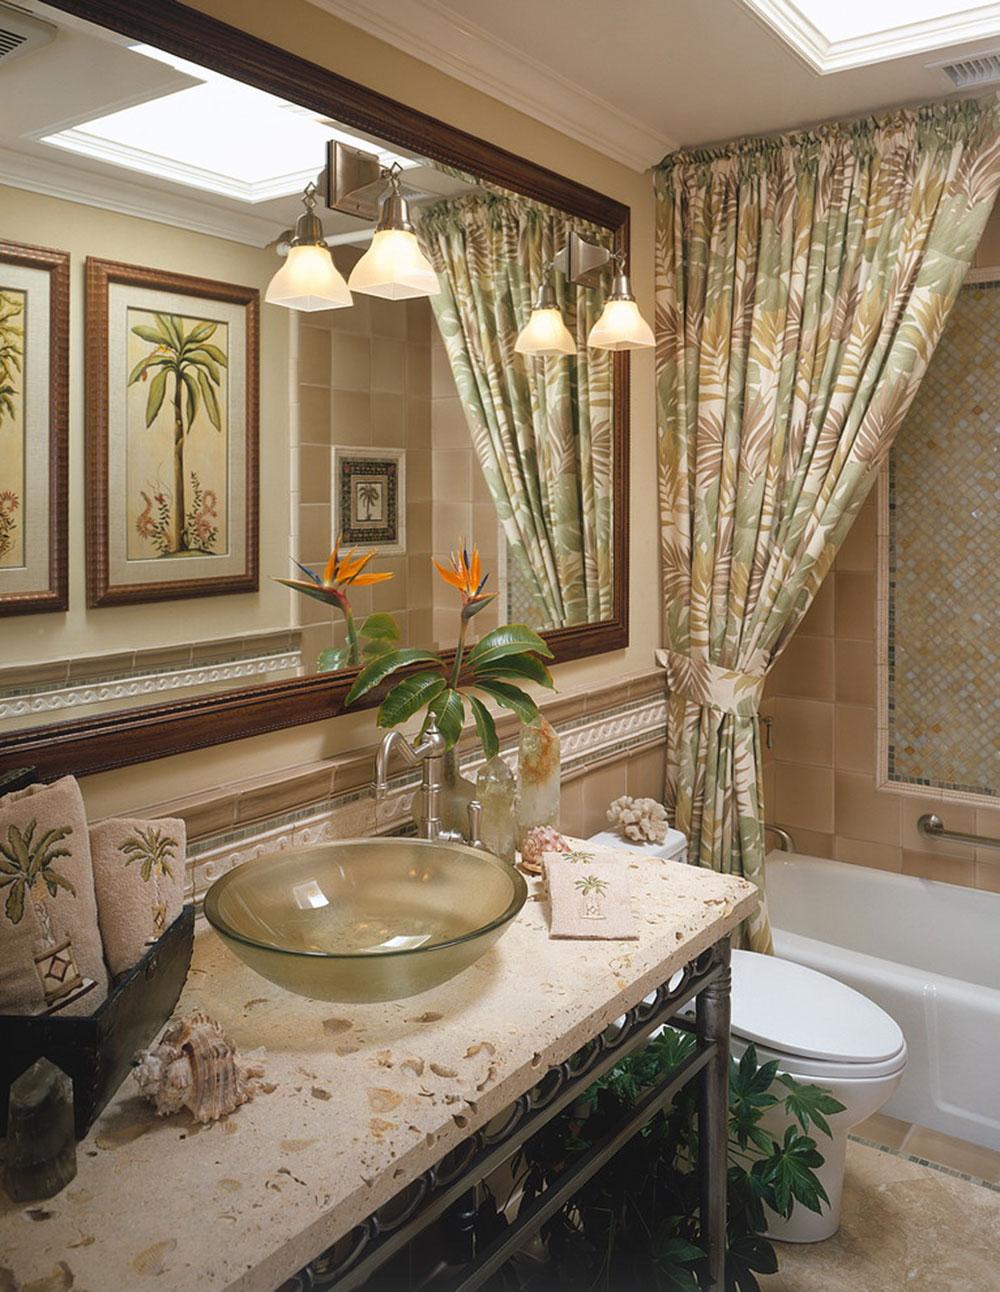 Förbättra ditt badrumsutseende med trendiga duschdraperier8 trendiga duschdraperier för ditt badrum